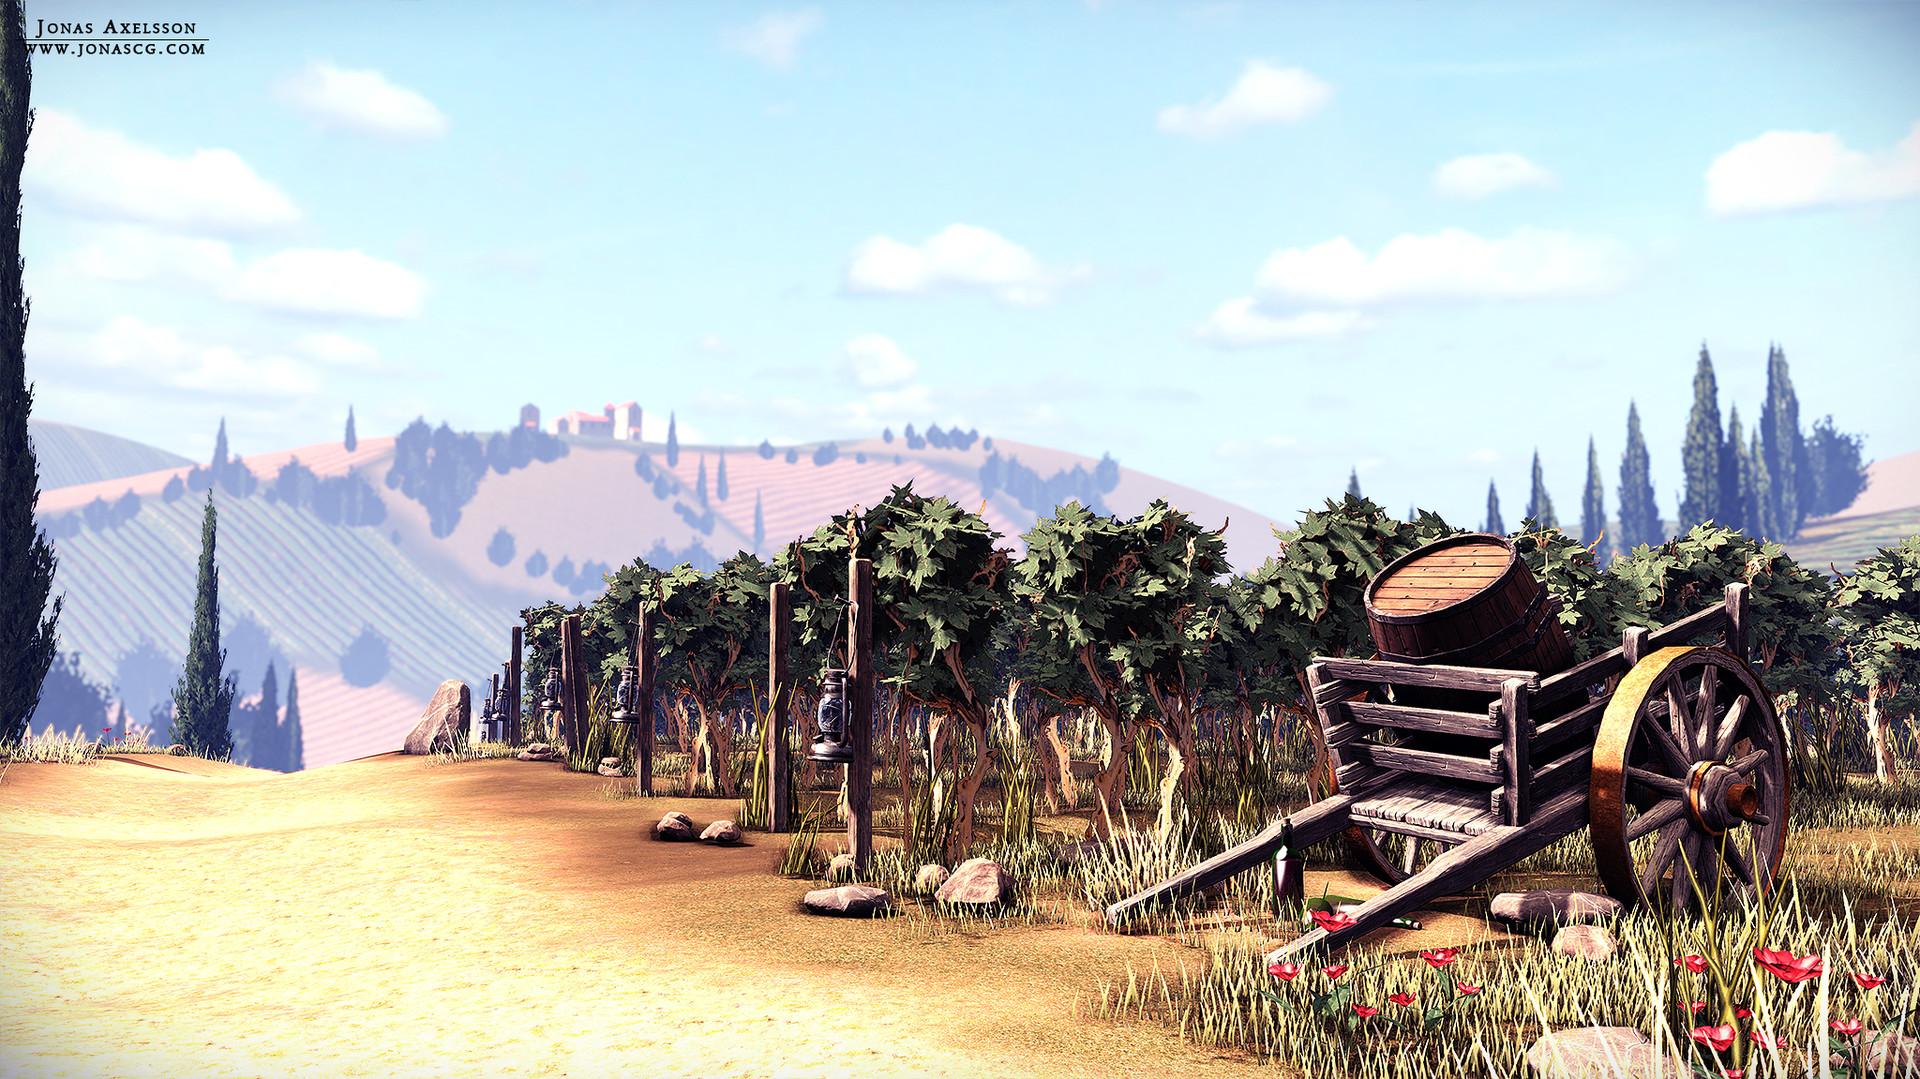 Jonas axelsson vineyard 03